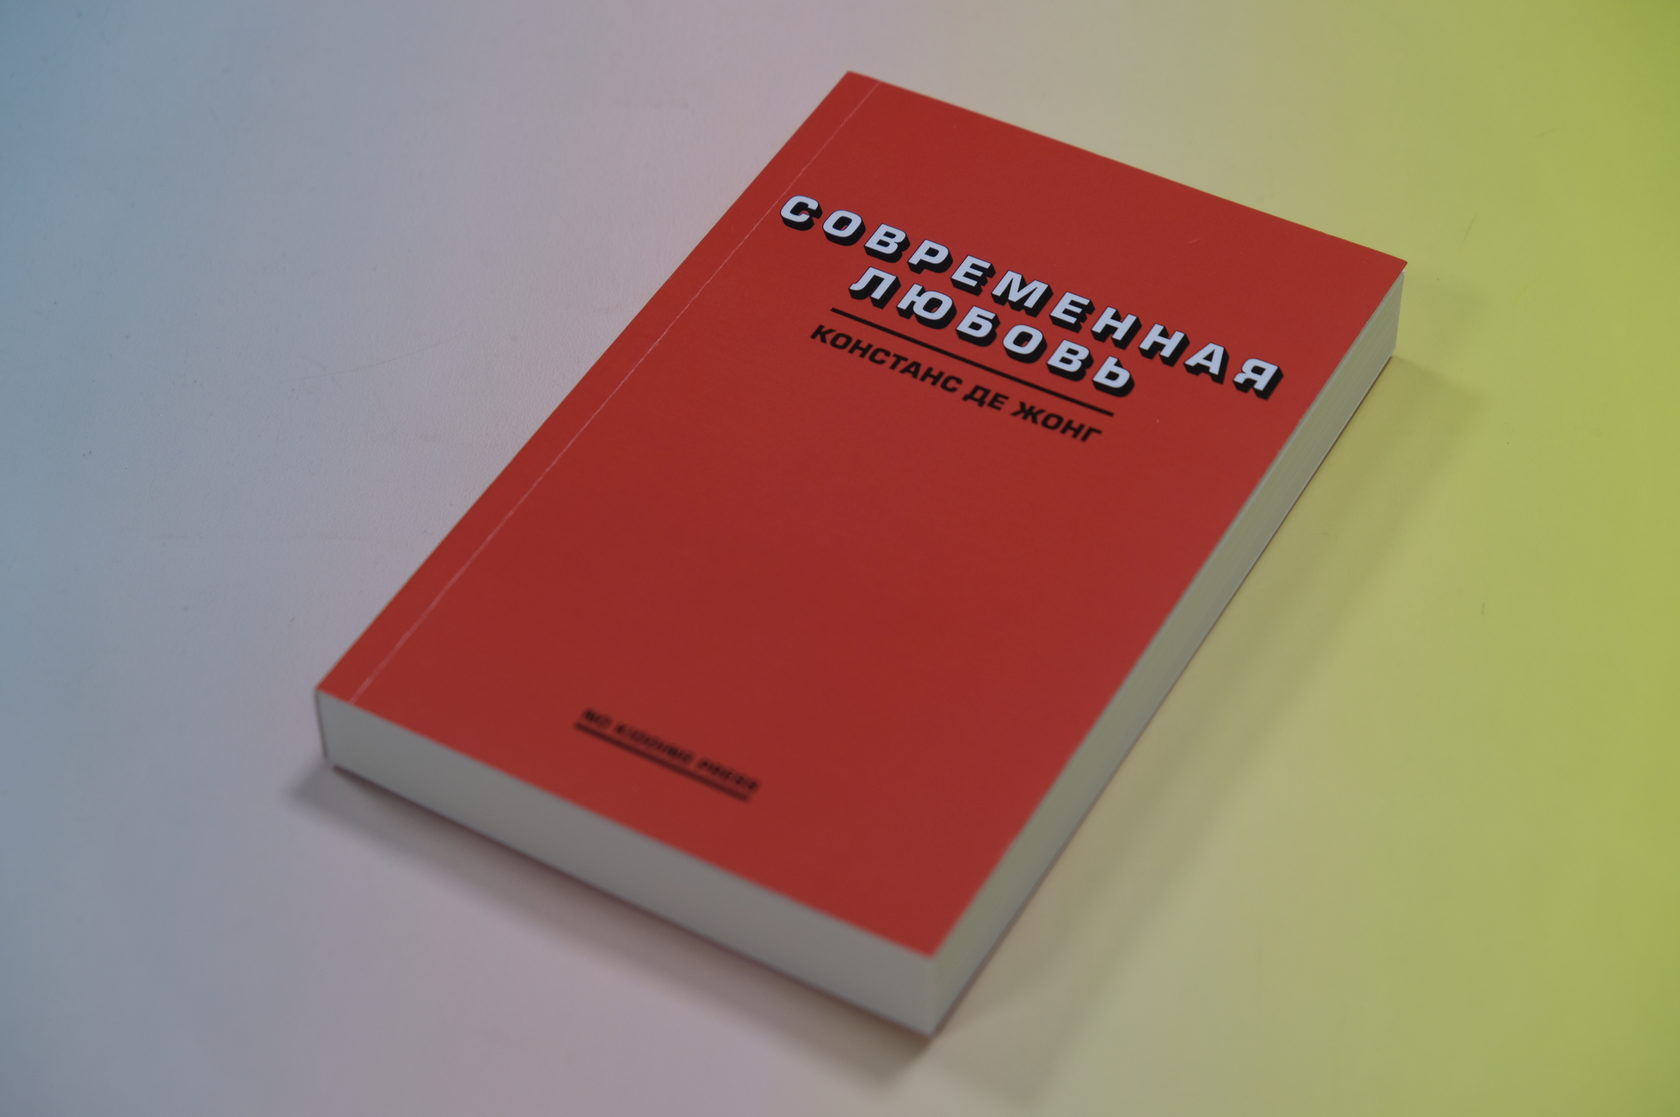 Купить Констанс Де Жонг «Современная любовь» 978-5-6042478-2-2